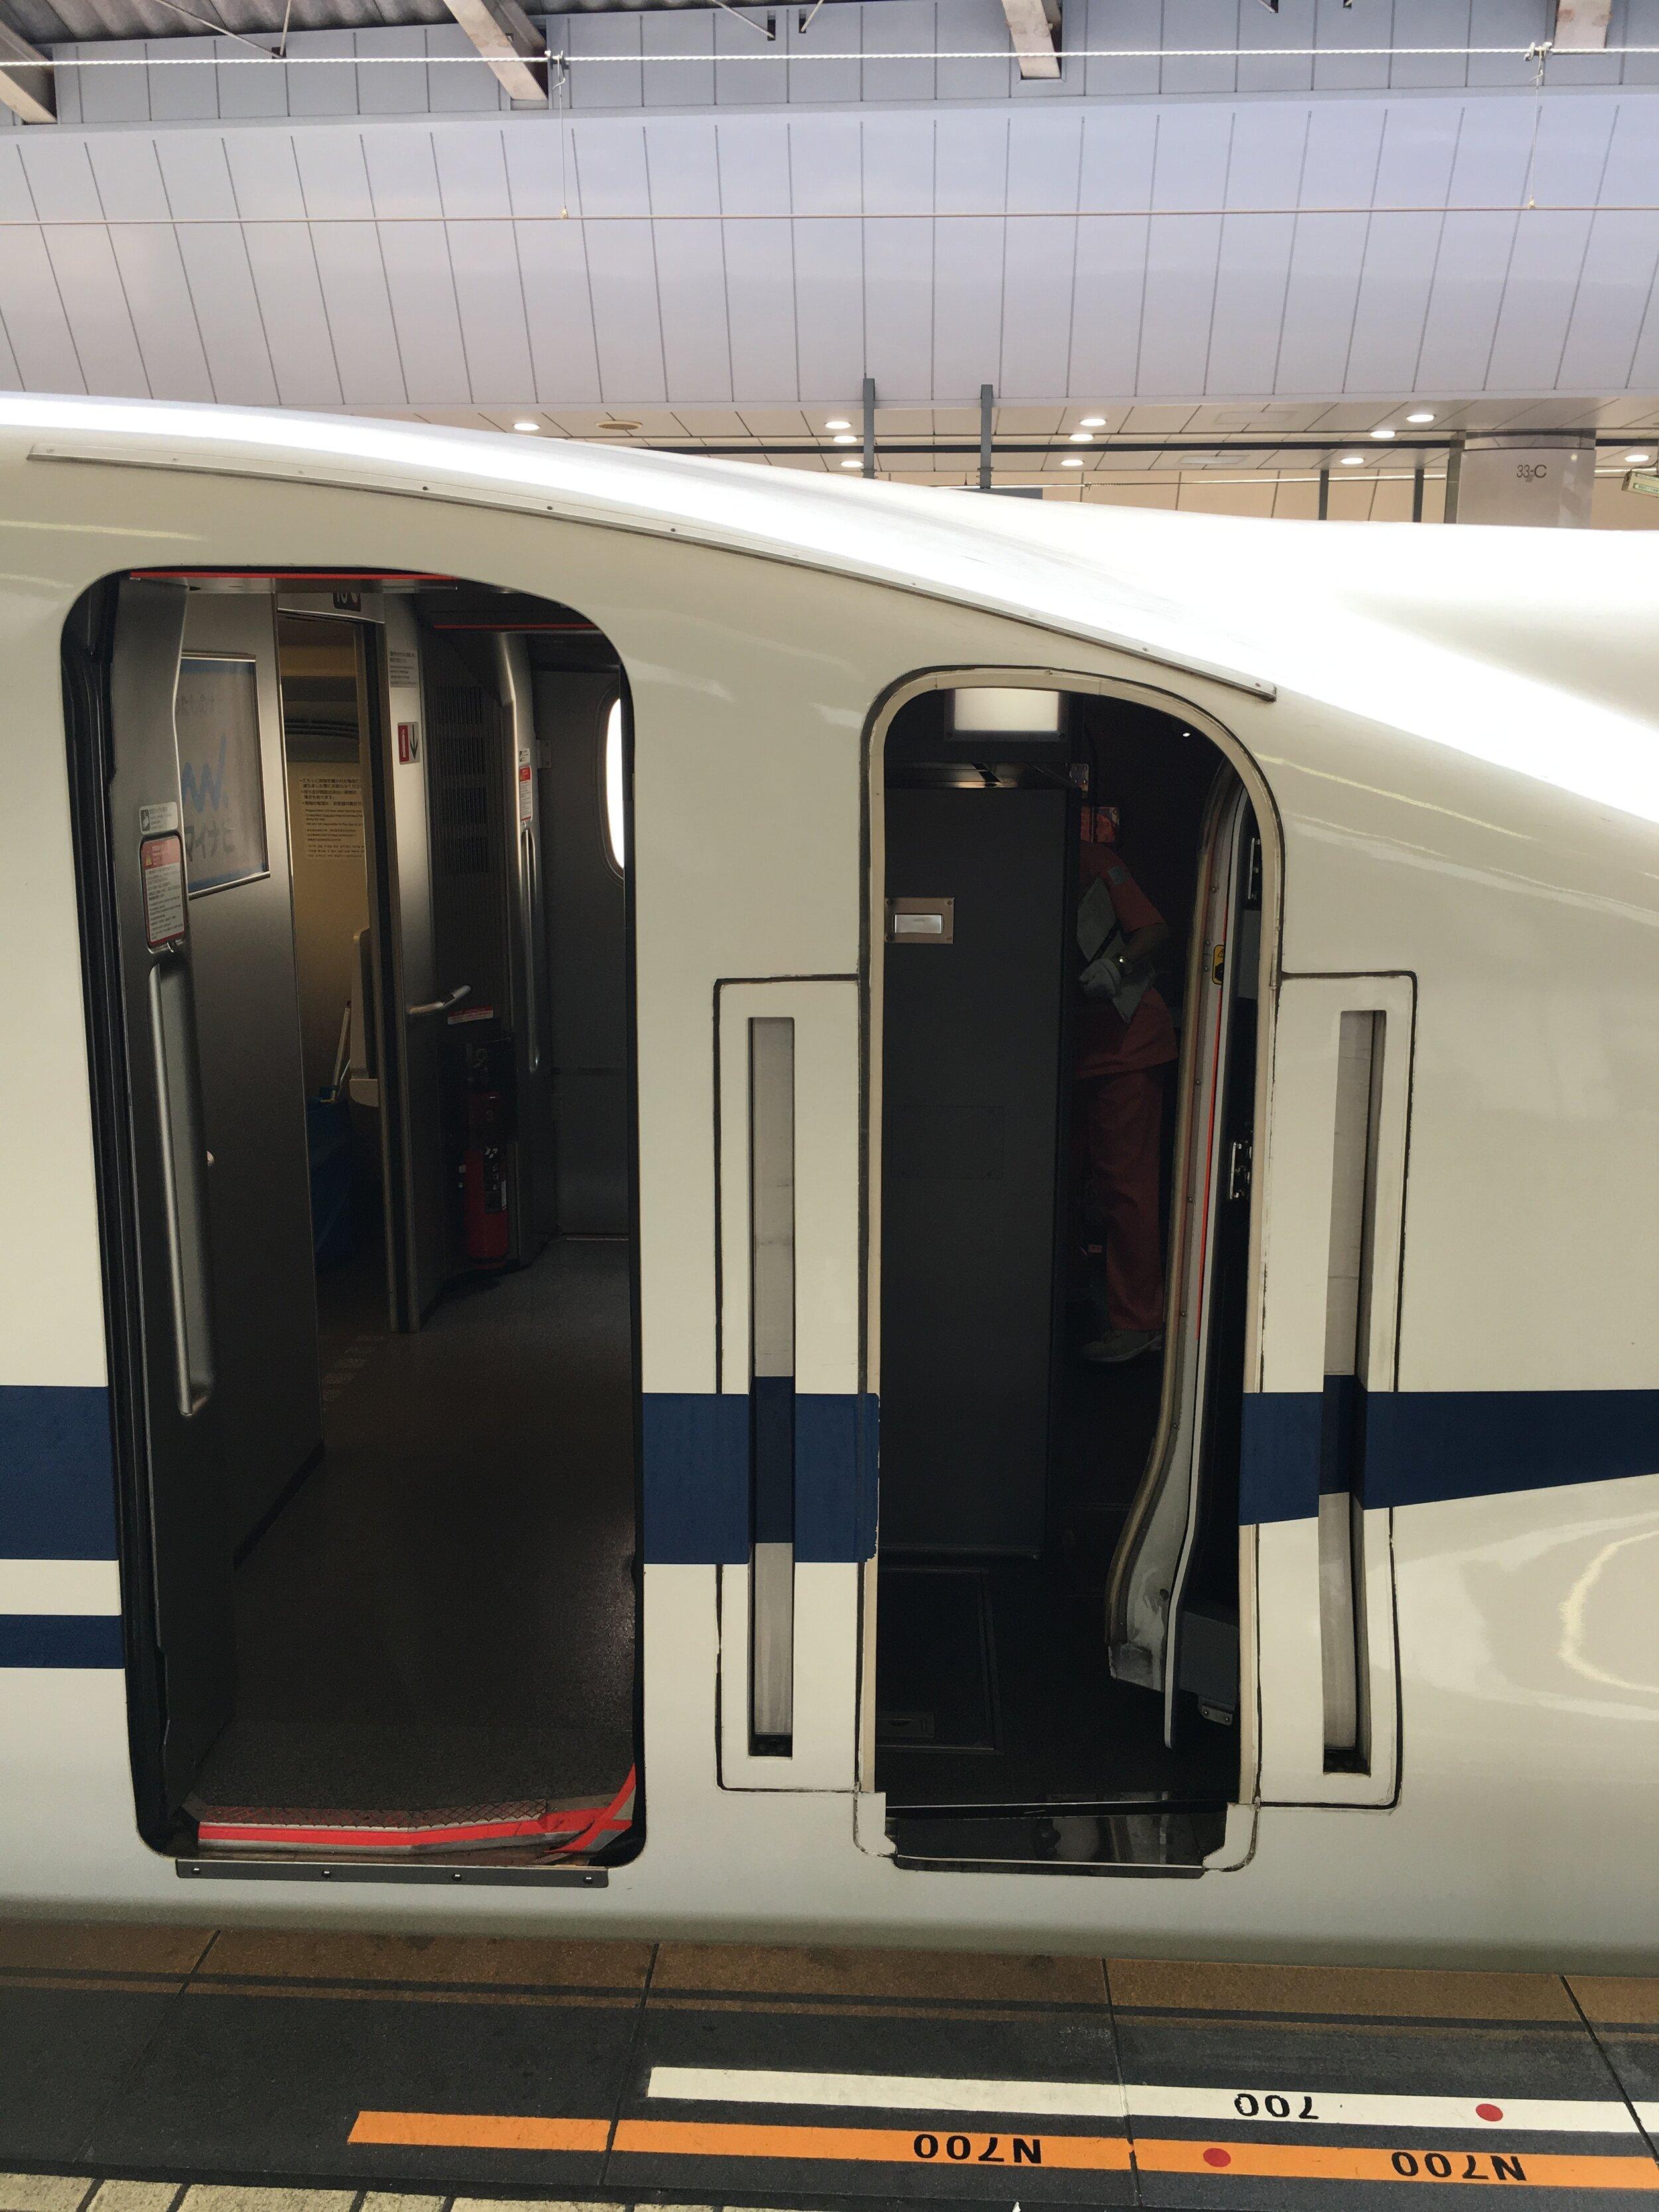 Trenes de alta velocidad en Japón